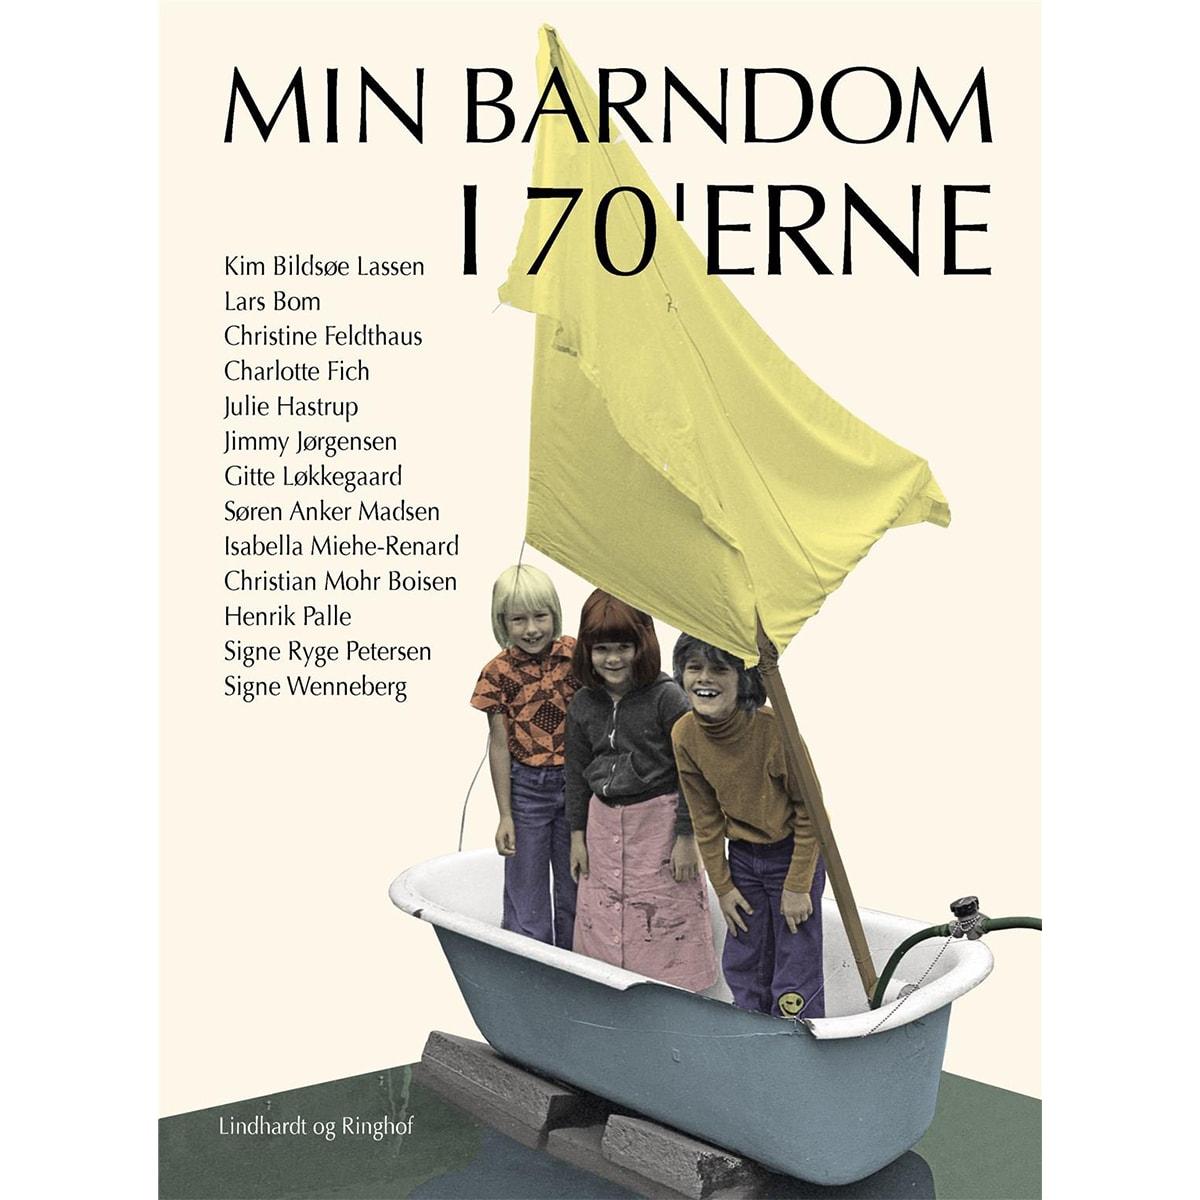 Af Kim Bildsøe Lassen, Lars Bom, Christine Feldthaus m.fl.